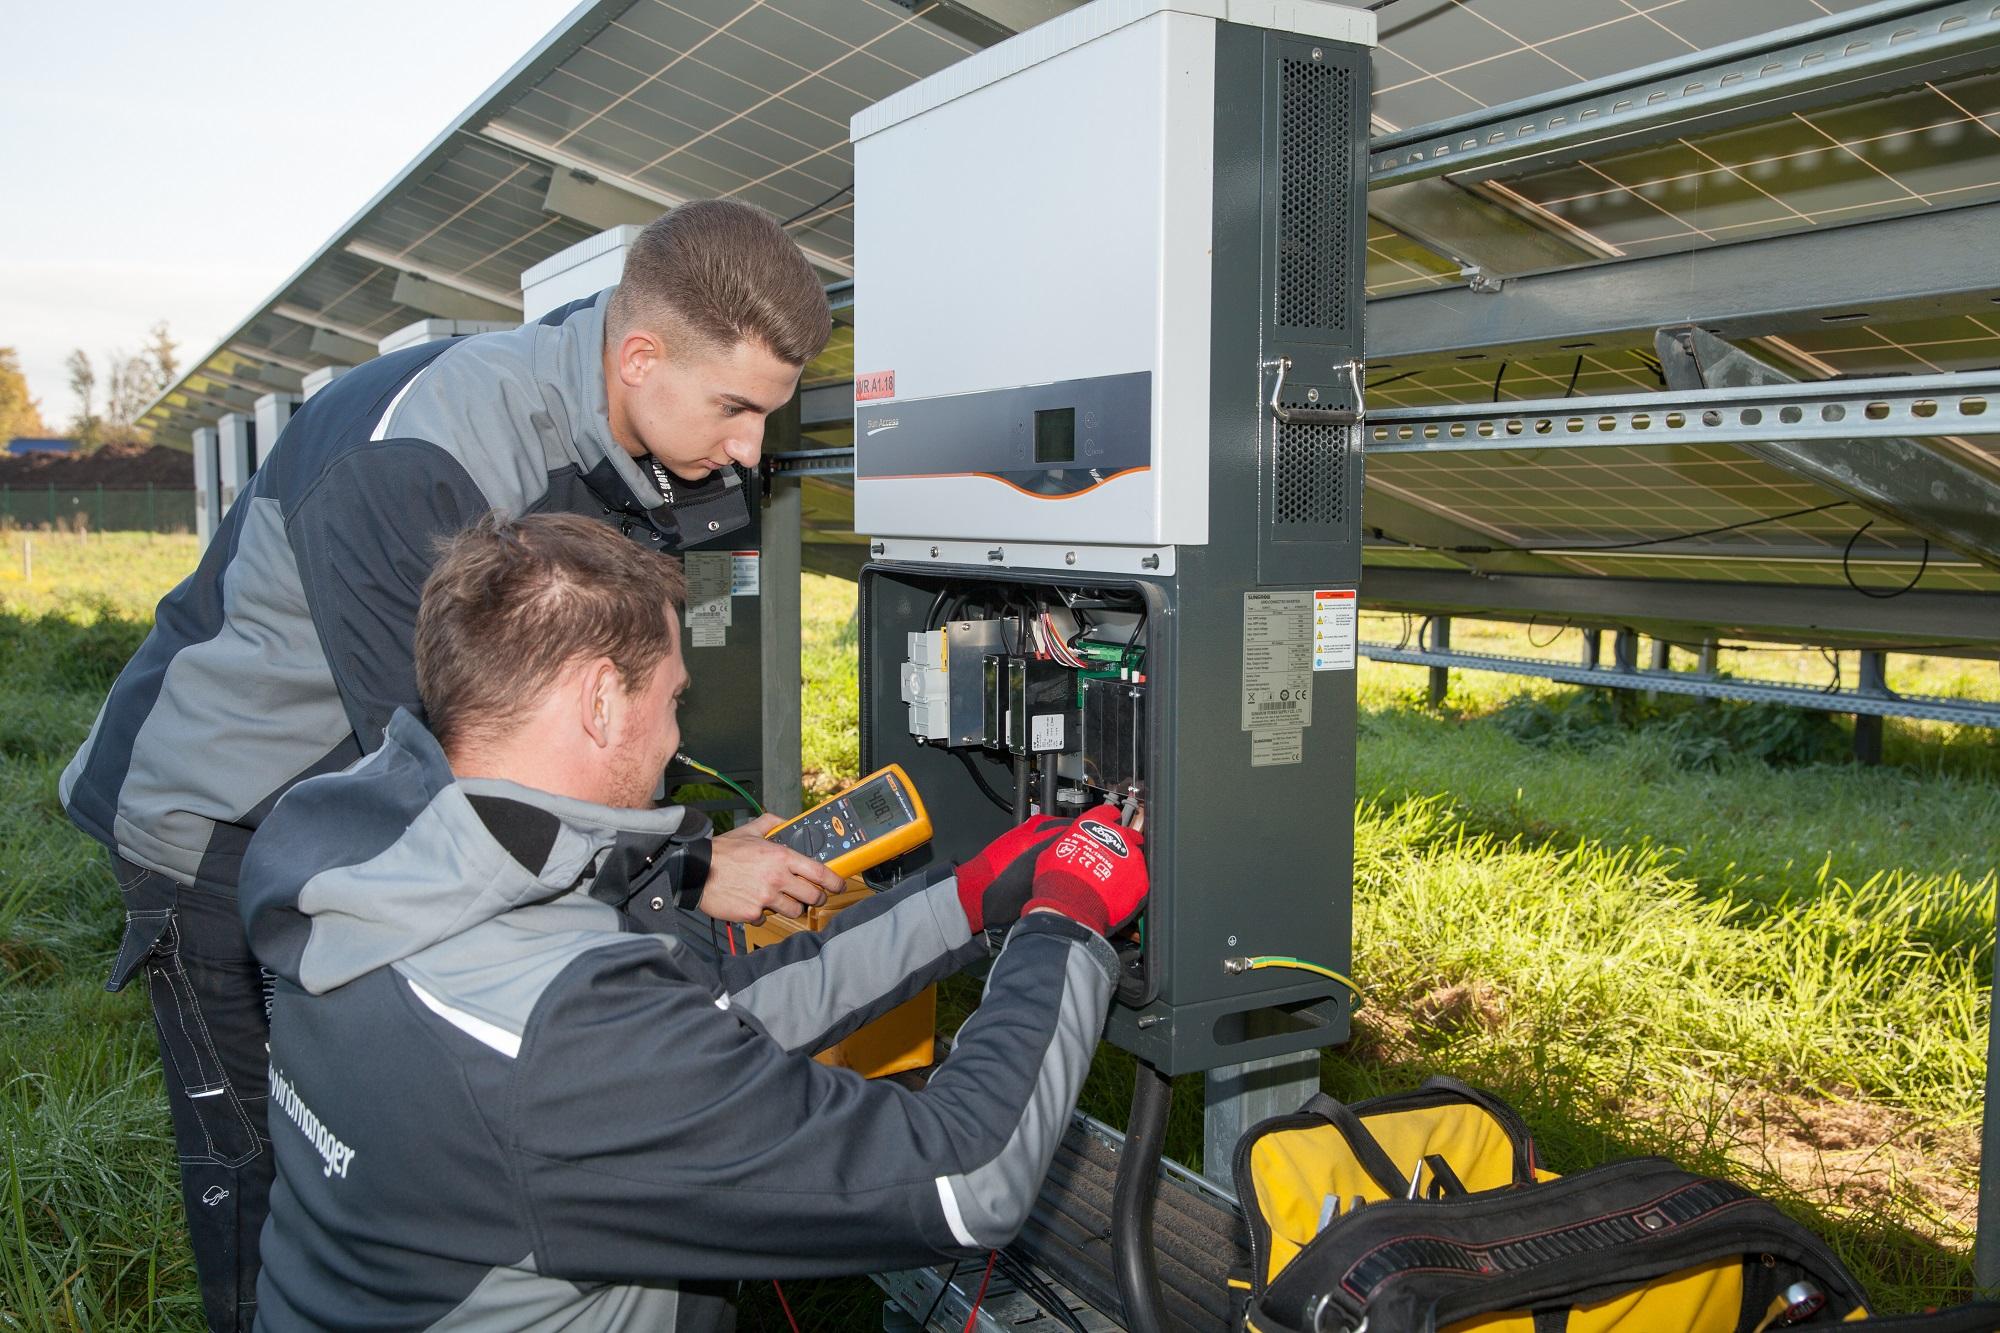 Betriebsführung für Photovoltaik-Anlagen